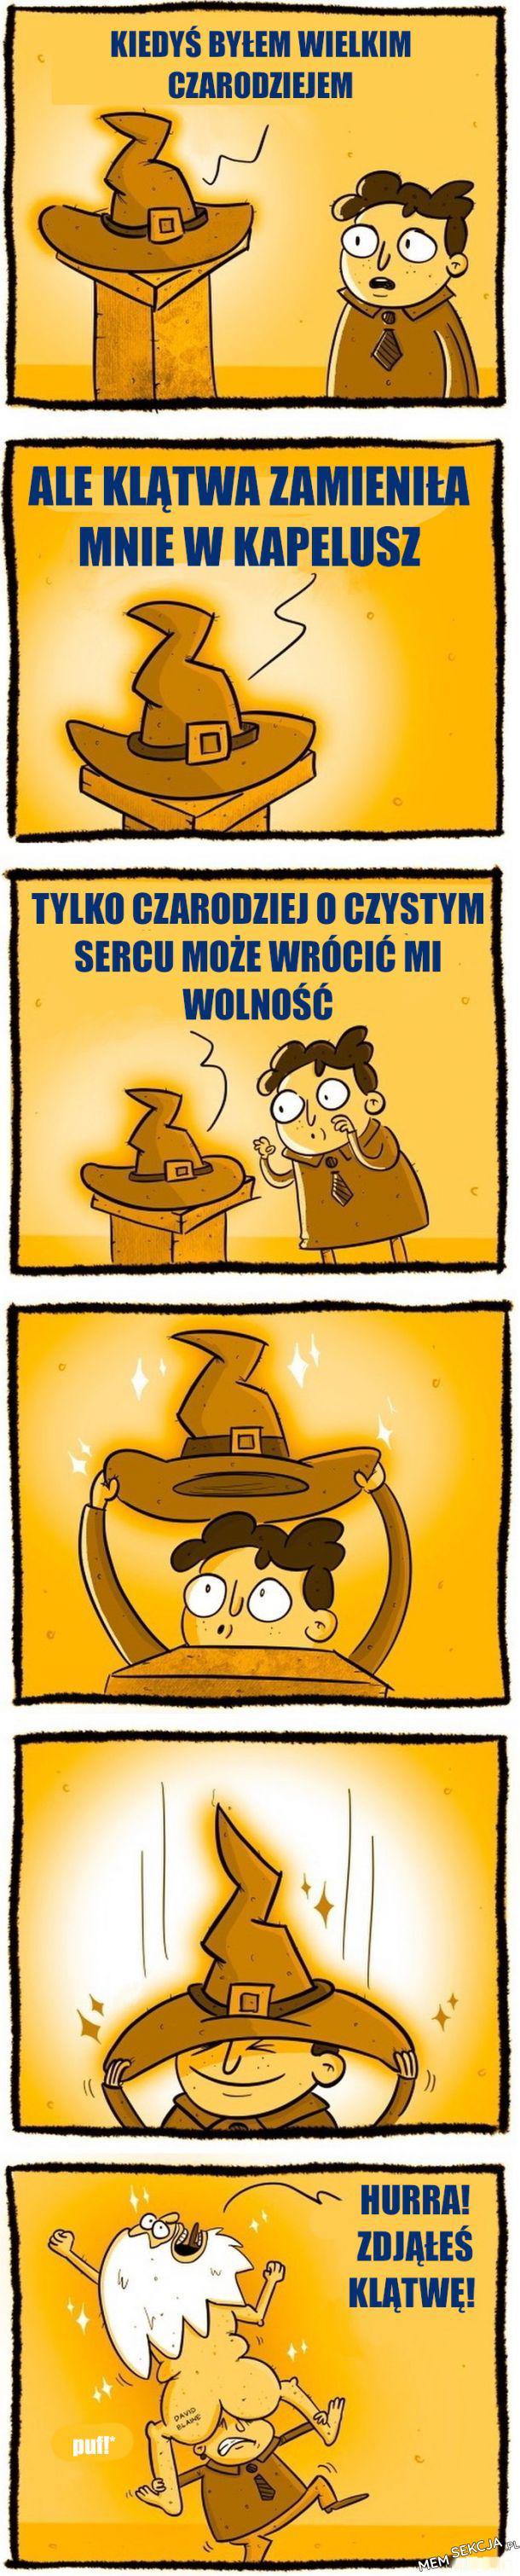 Wielki czarodziej